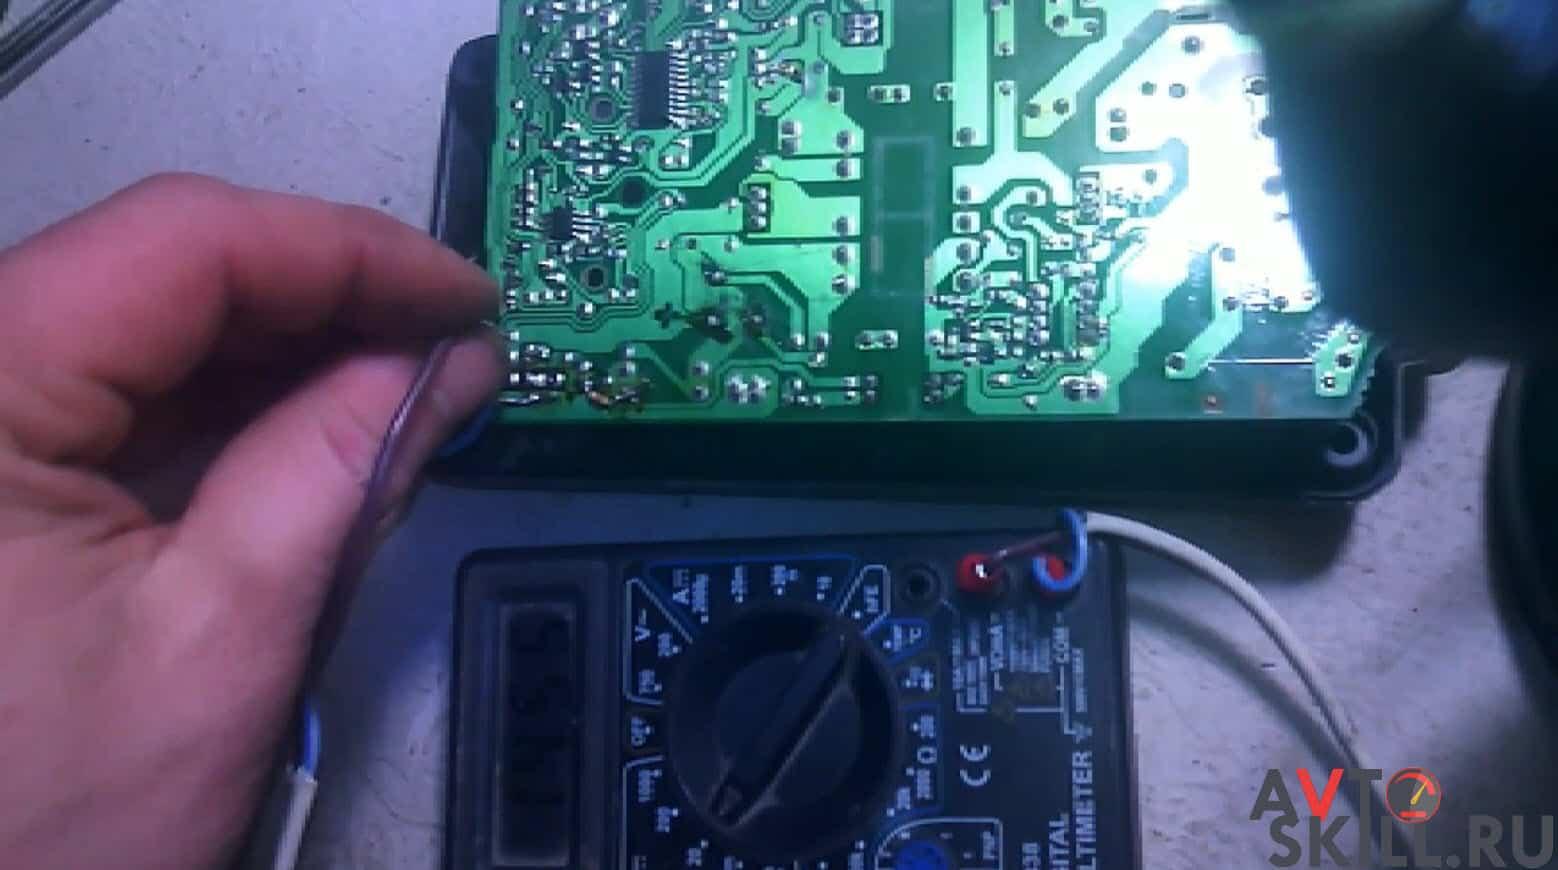 Как зарядить автомобильный аккумулятор от зарядки шуруповерта | Можно ли зарядить автомобильный аккумулятор зарядкой от шуруповерта